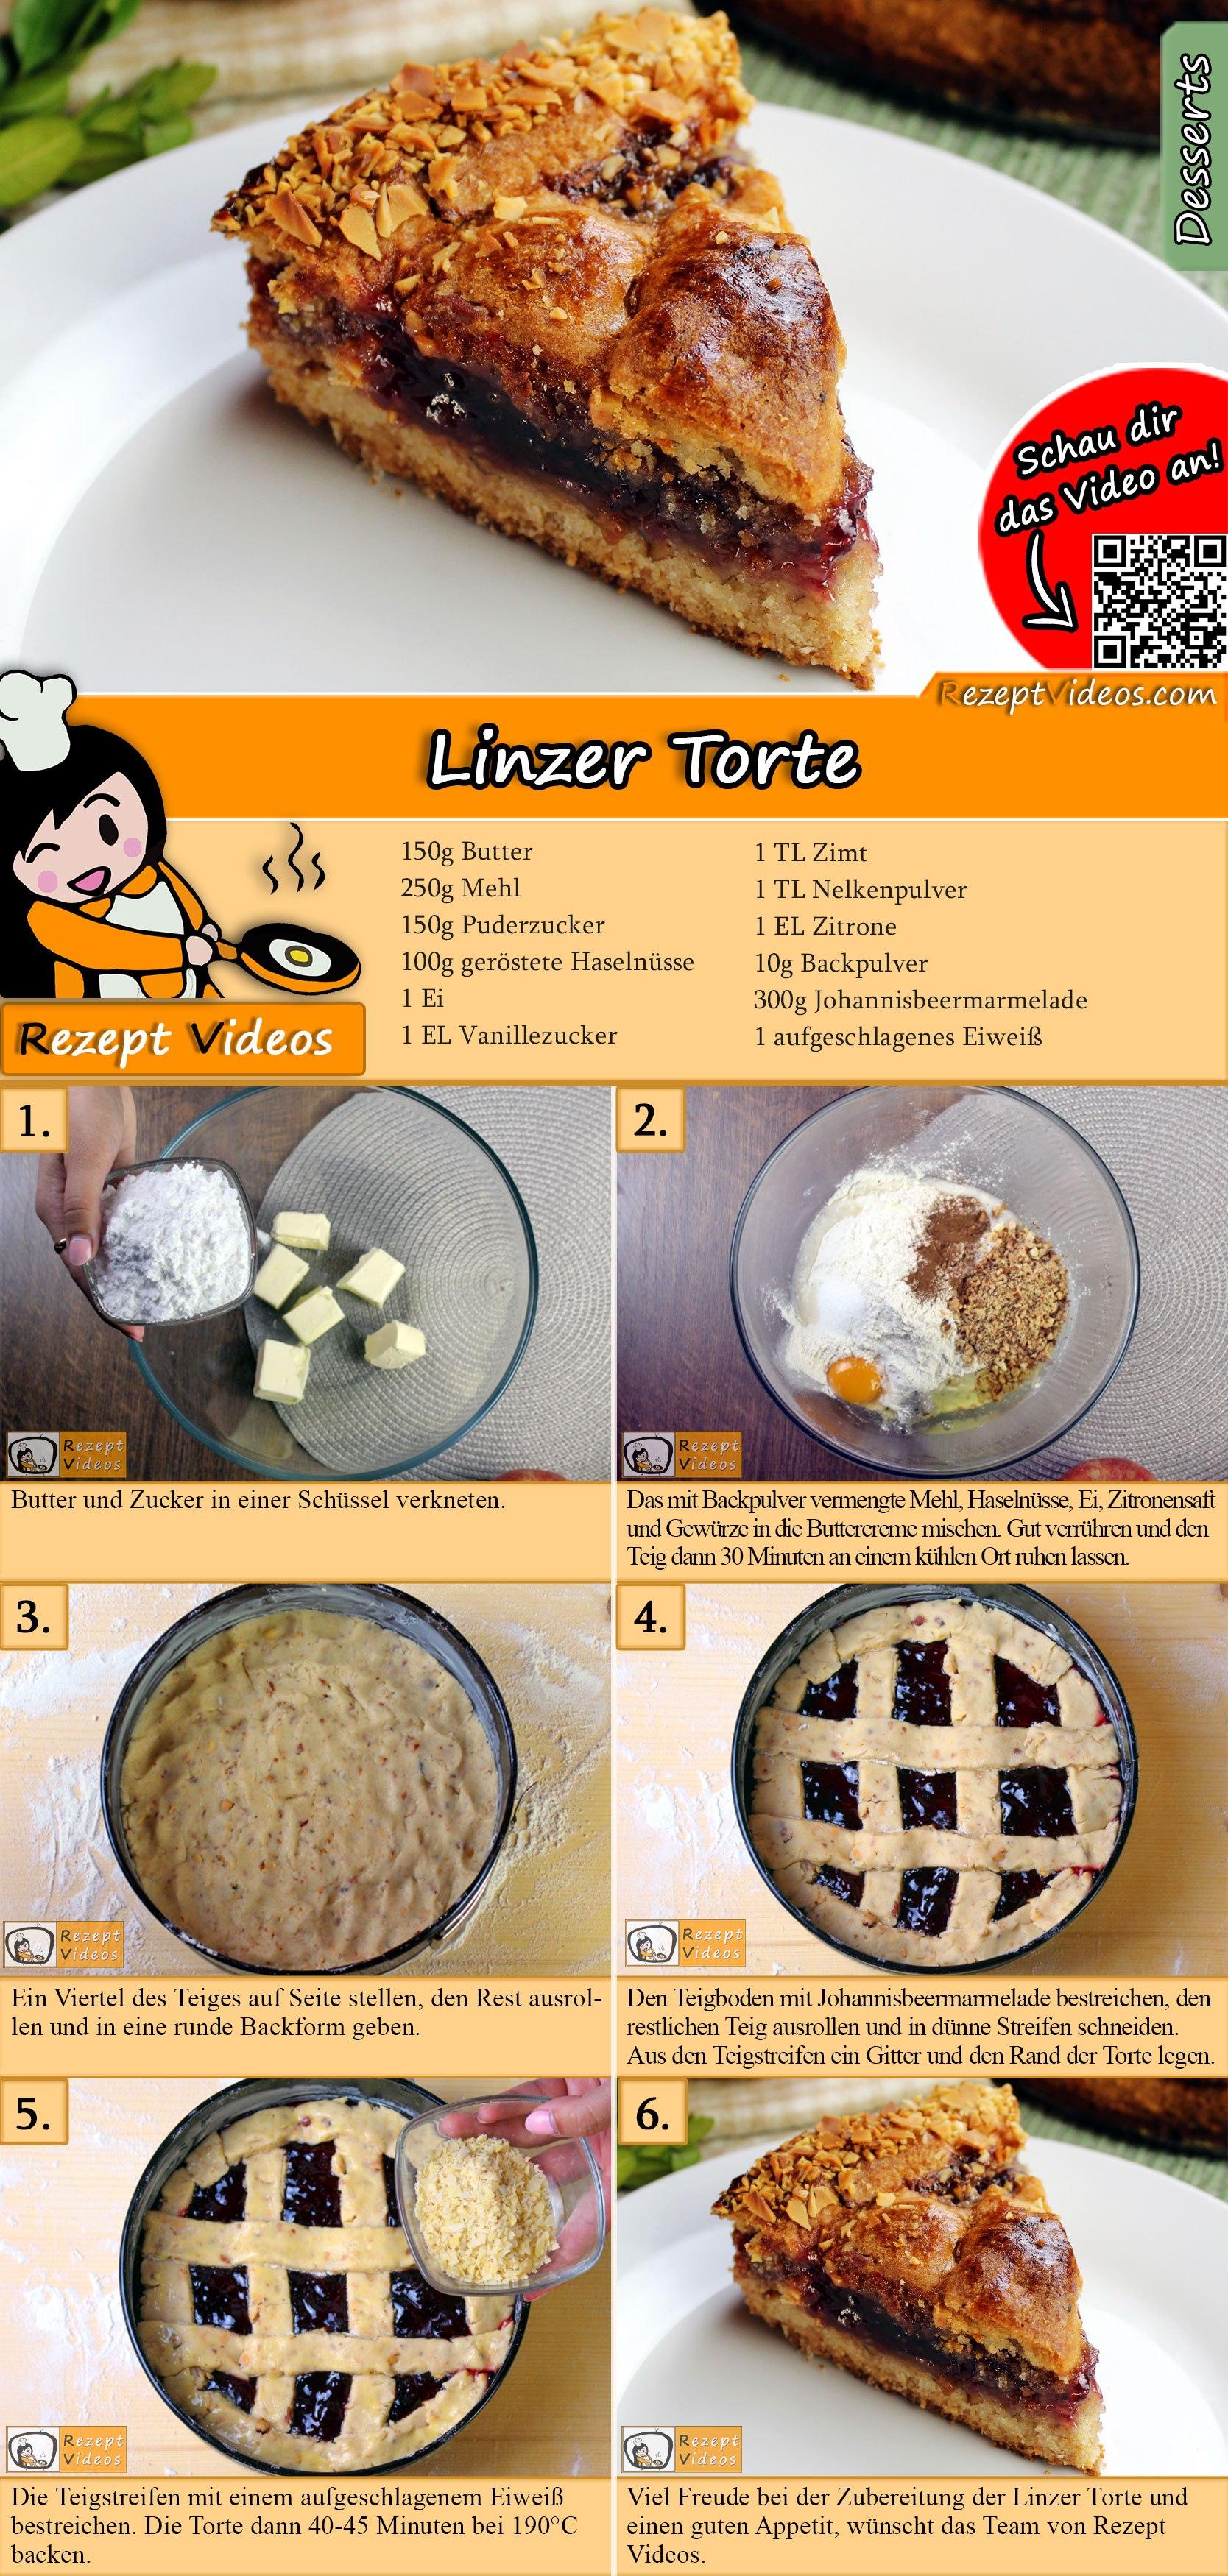 Linzer Torte Rezept mit Video